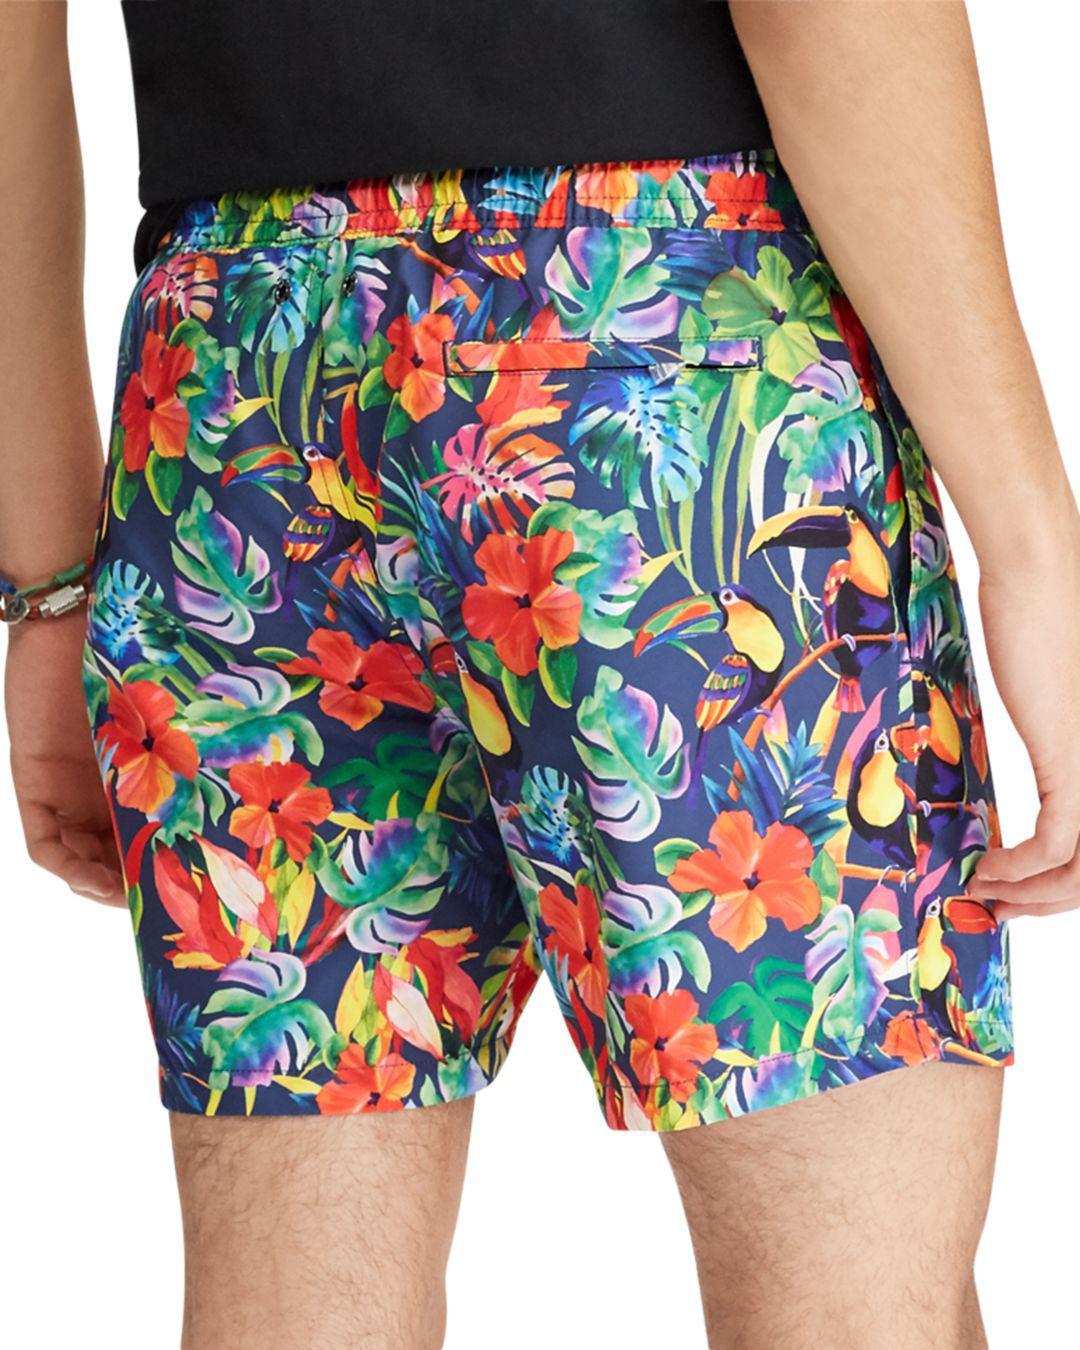 3f440d7ffc297 ... where to buy aliexpress ralph lauren orange swim shorts menu bc0aa  f2b6b 900d3 24dbb